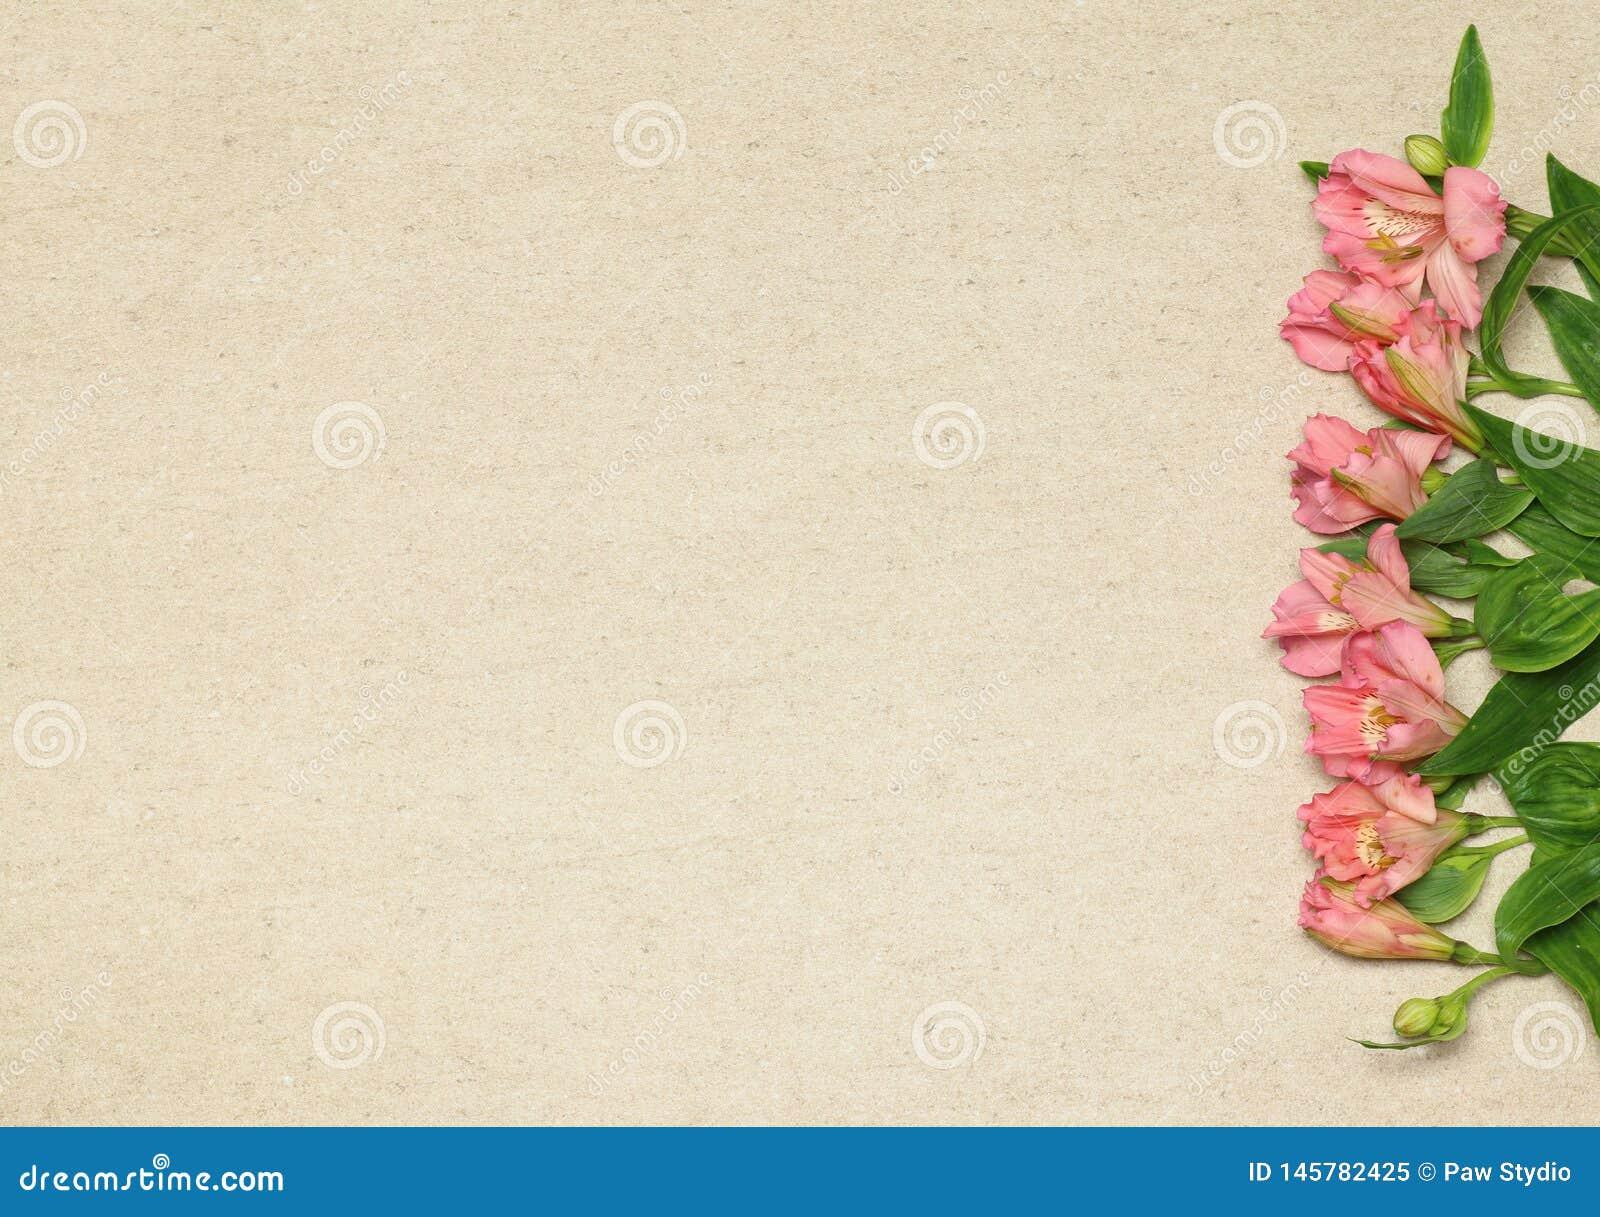 Vlak leg kader met bloemen op beige granietachtergrond